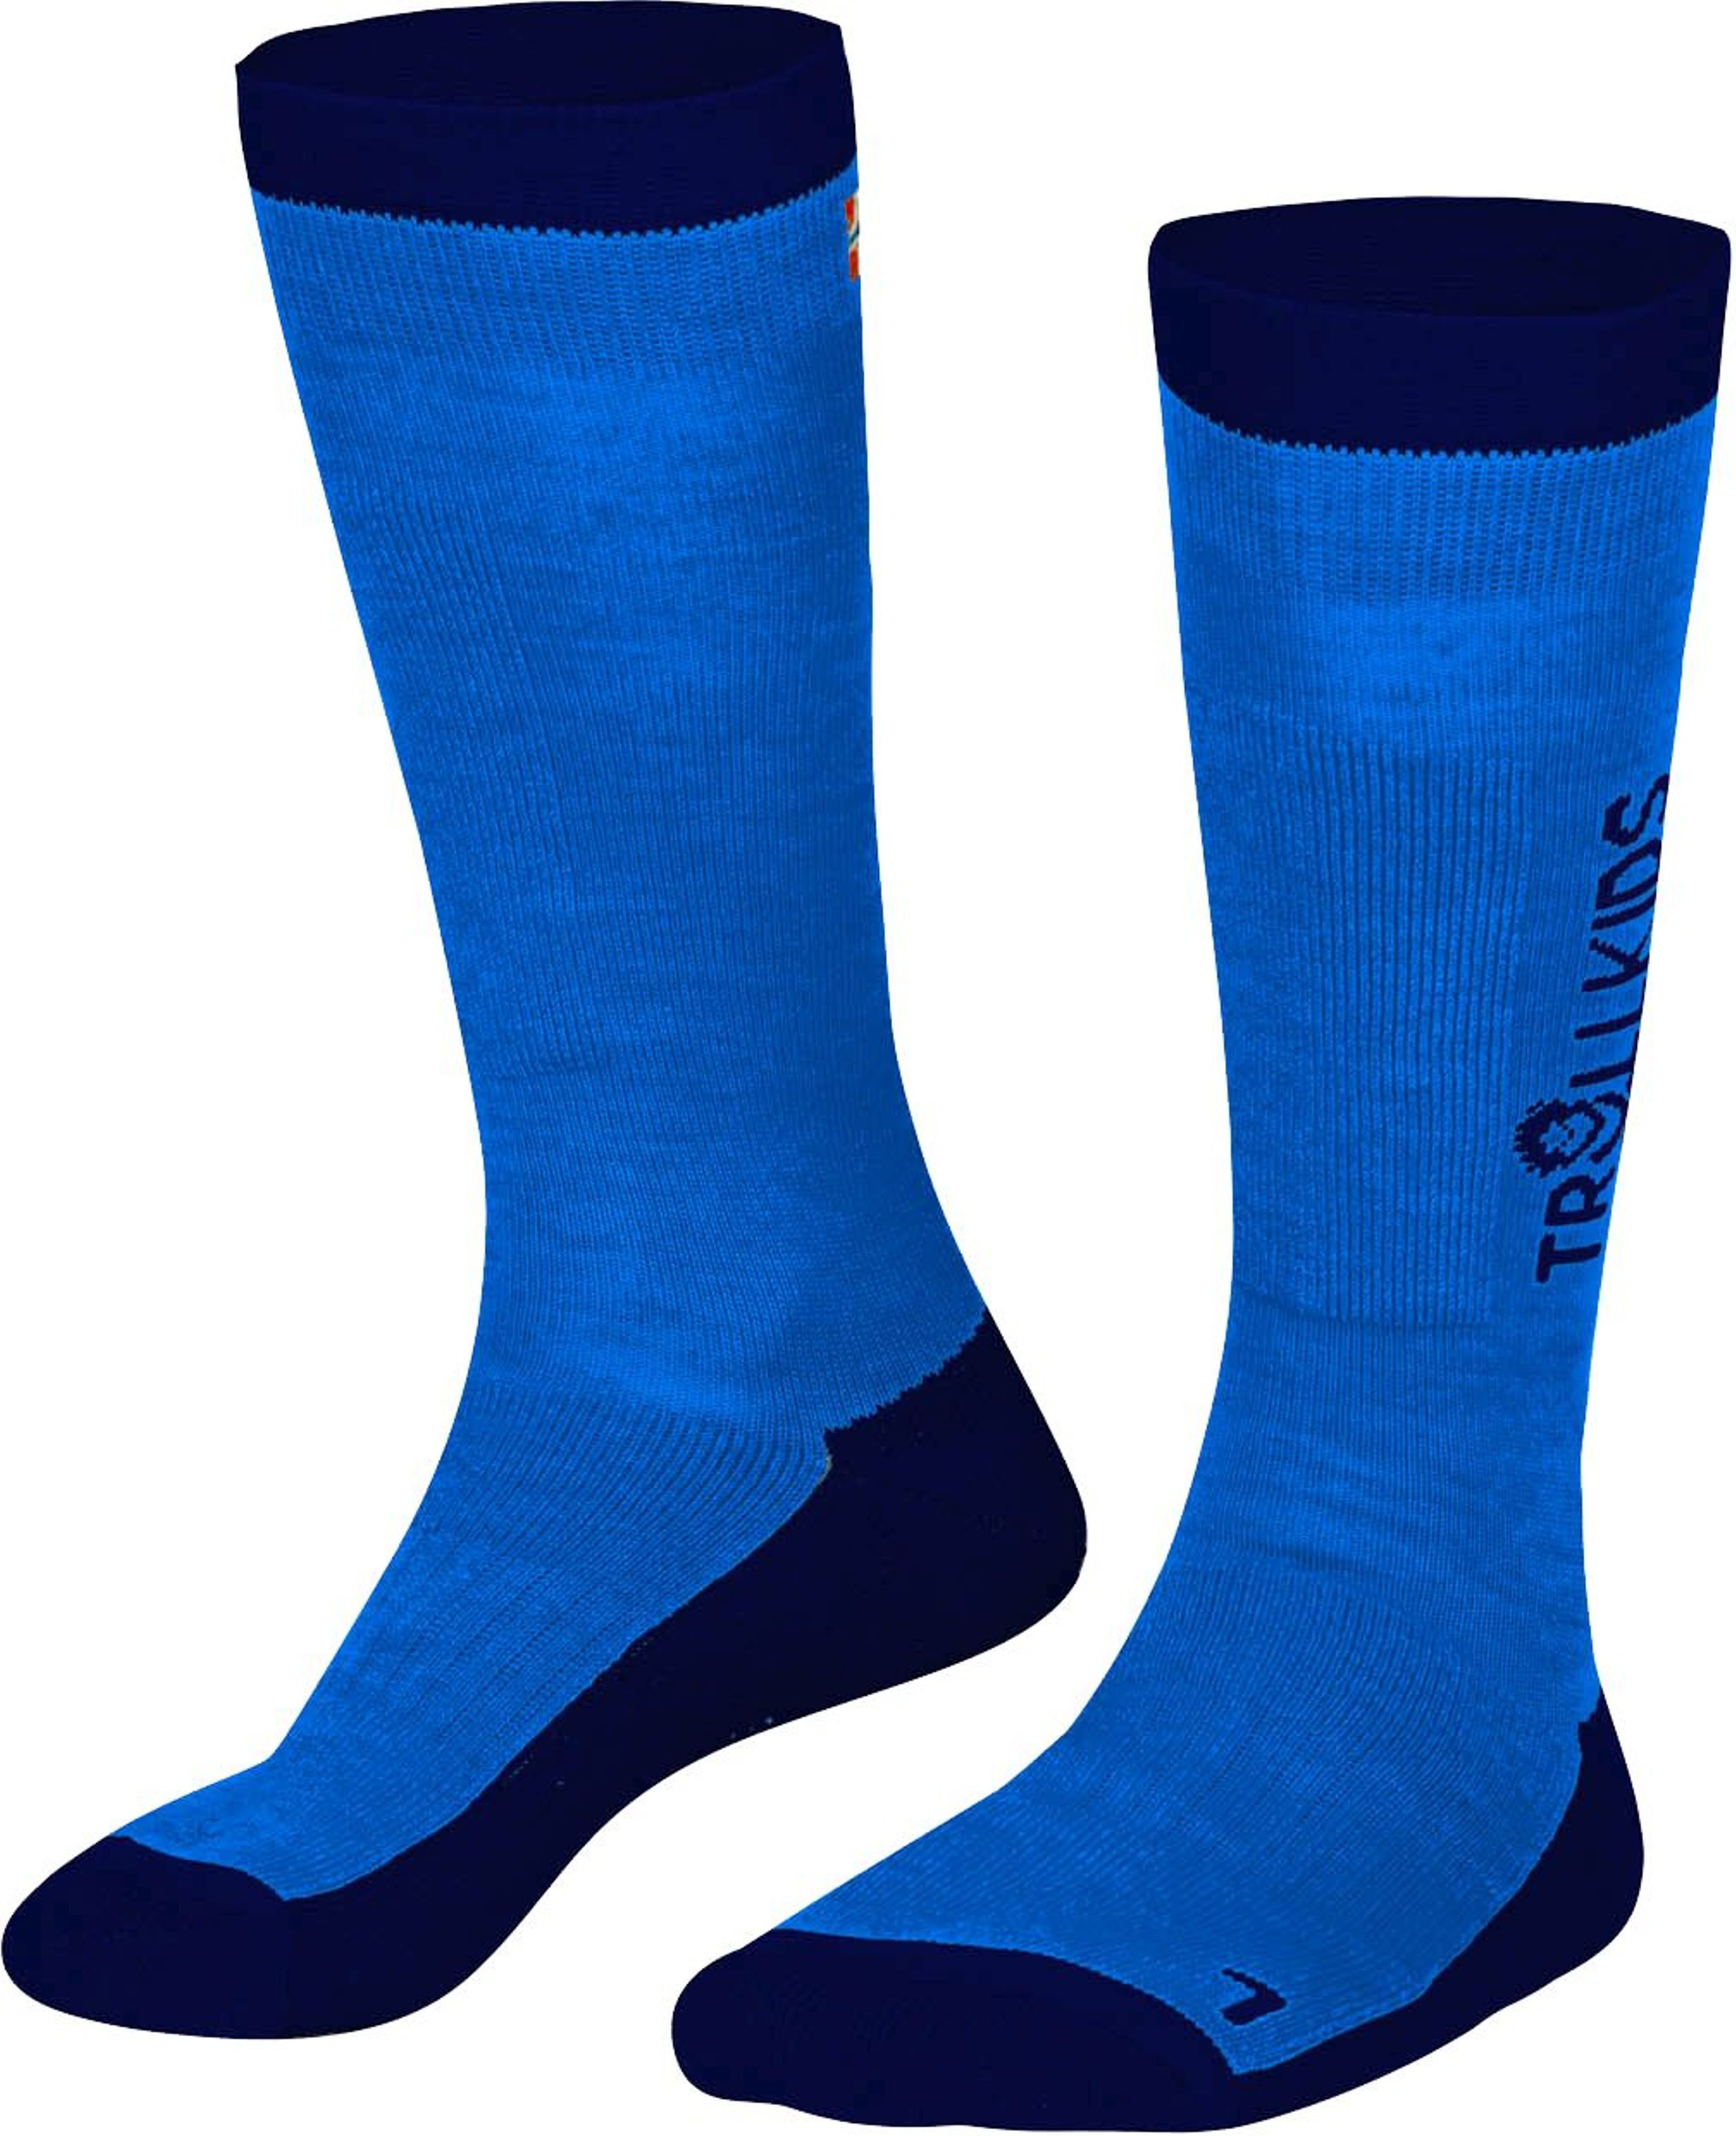 Trollkids Ski Socken Medium Blue/Navy